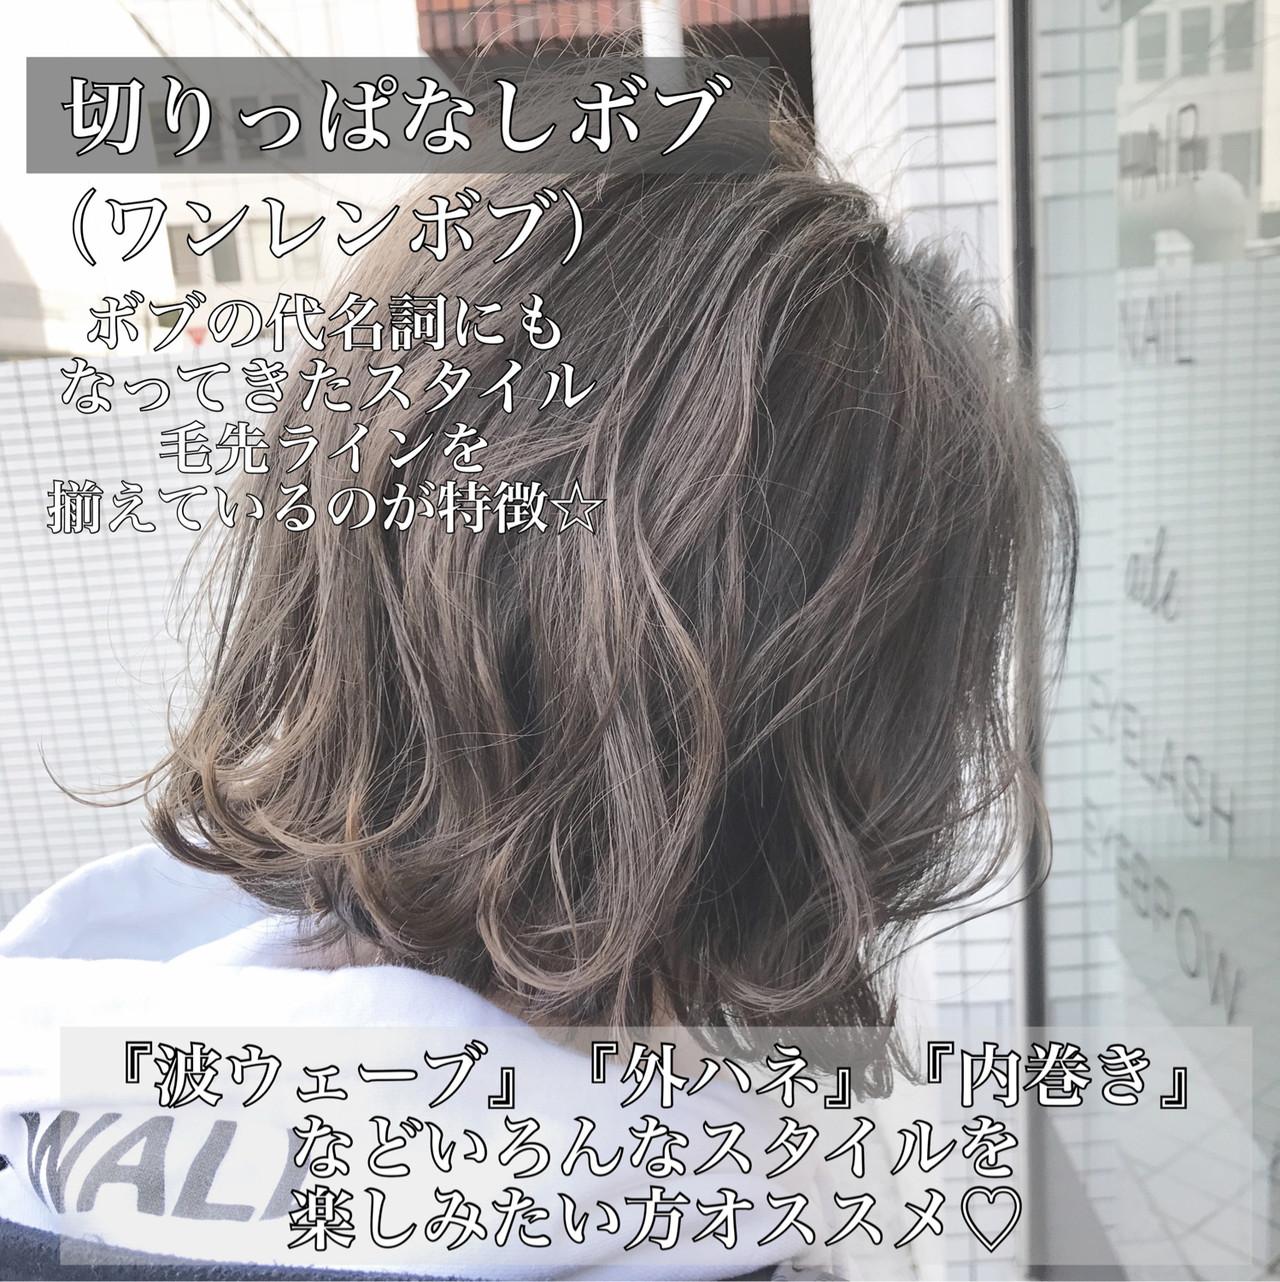 ボブ ショートボブ グレージュ ミニボブ ヘアスタイルや髪型の写真・画像